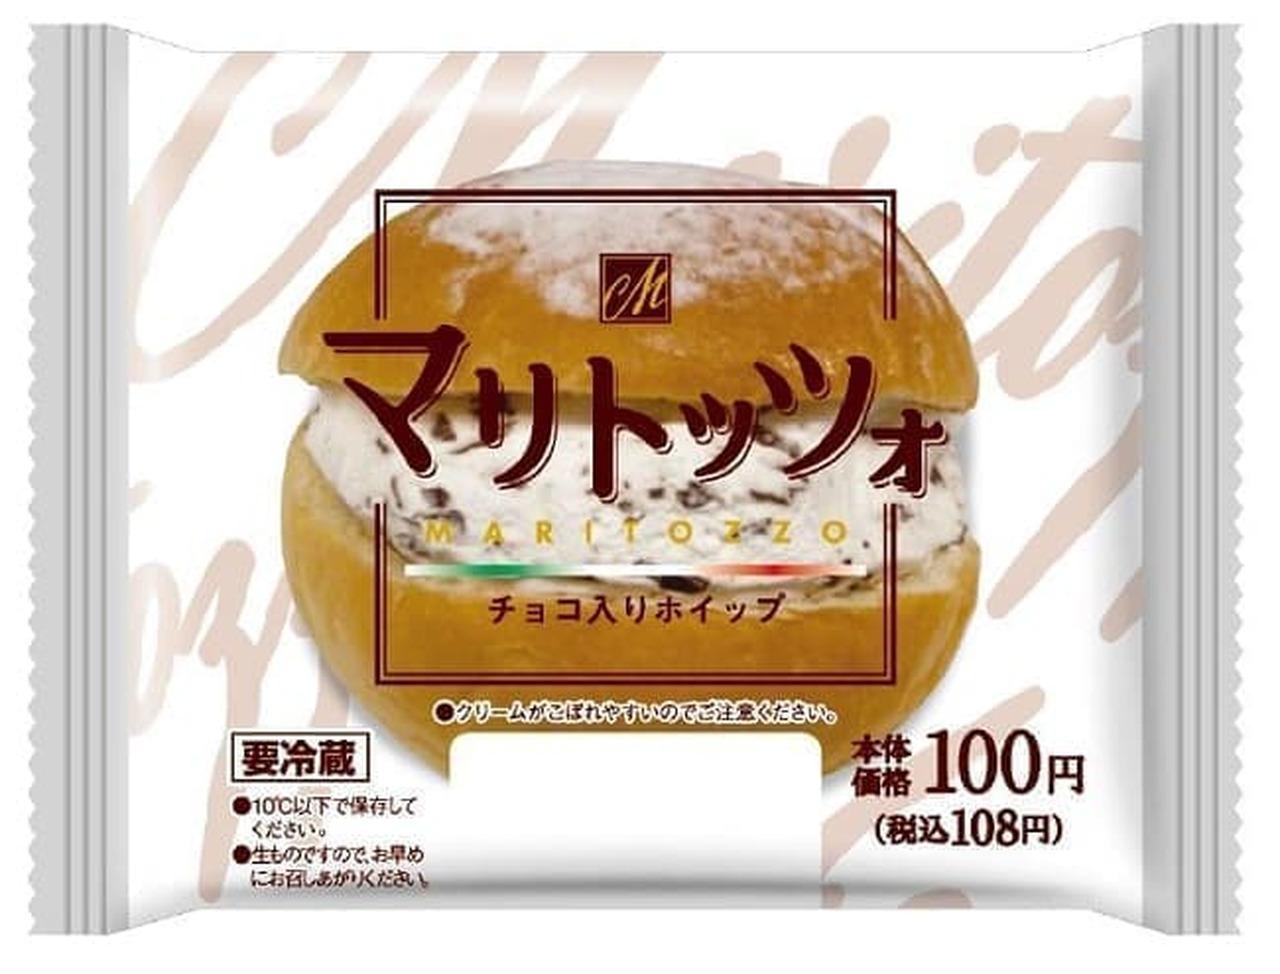 ローソンストア100「マリトッツォ(チョコ入りホイップ)」